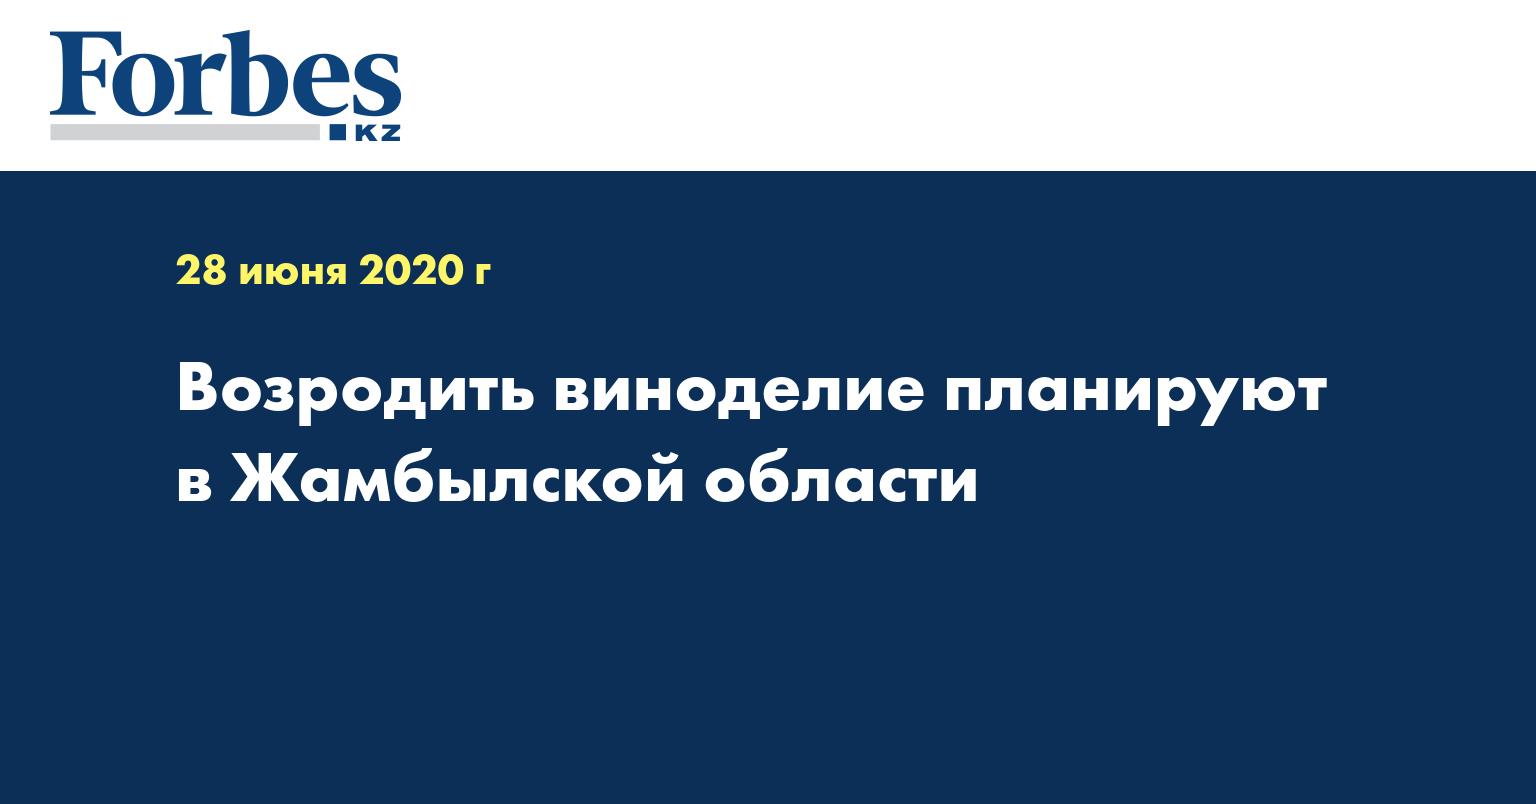 Возродить виноделие планируют в Жамбылской области